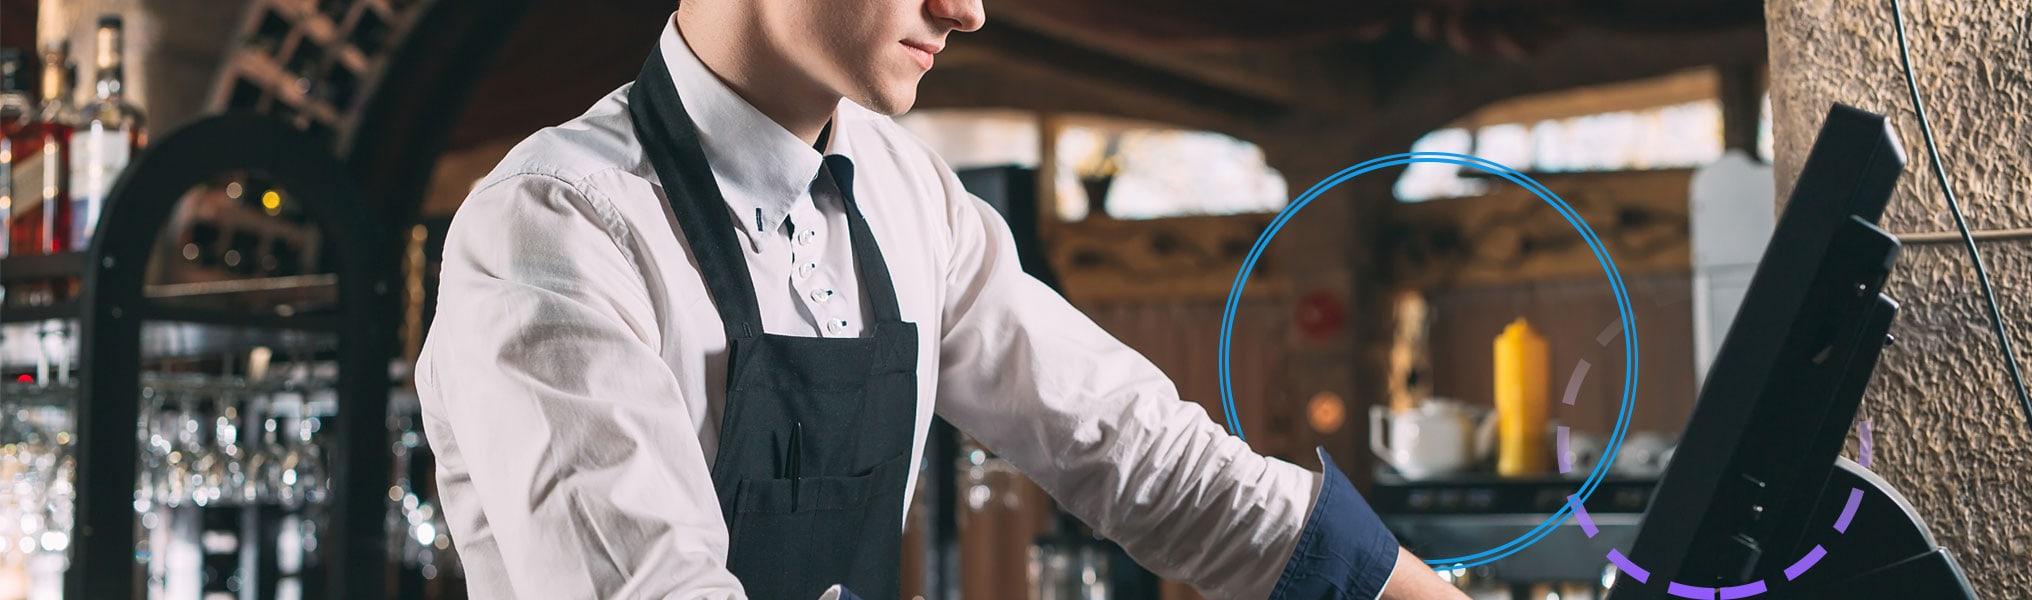 Waiter placing order on POS terminal